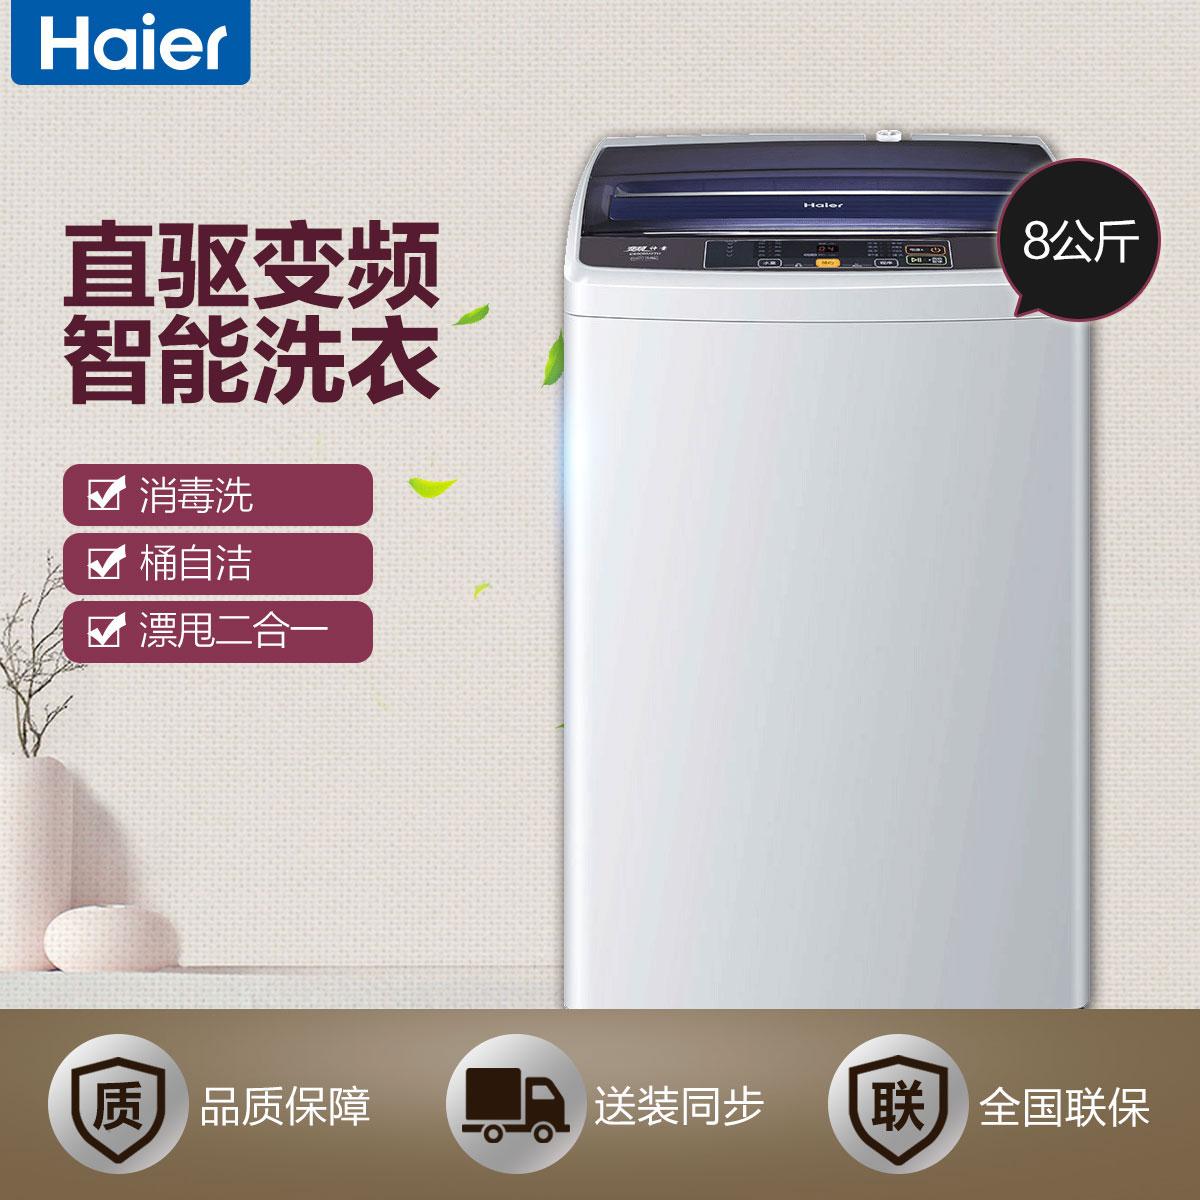 8公斤新品 静音升级 变频直驱电机 智能洗衣  消毒洗 桶自洁  一级能效 EB80BM2TH